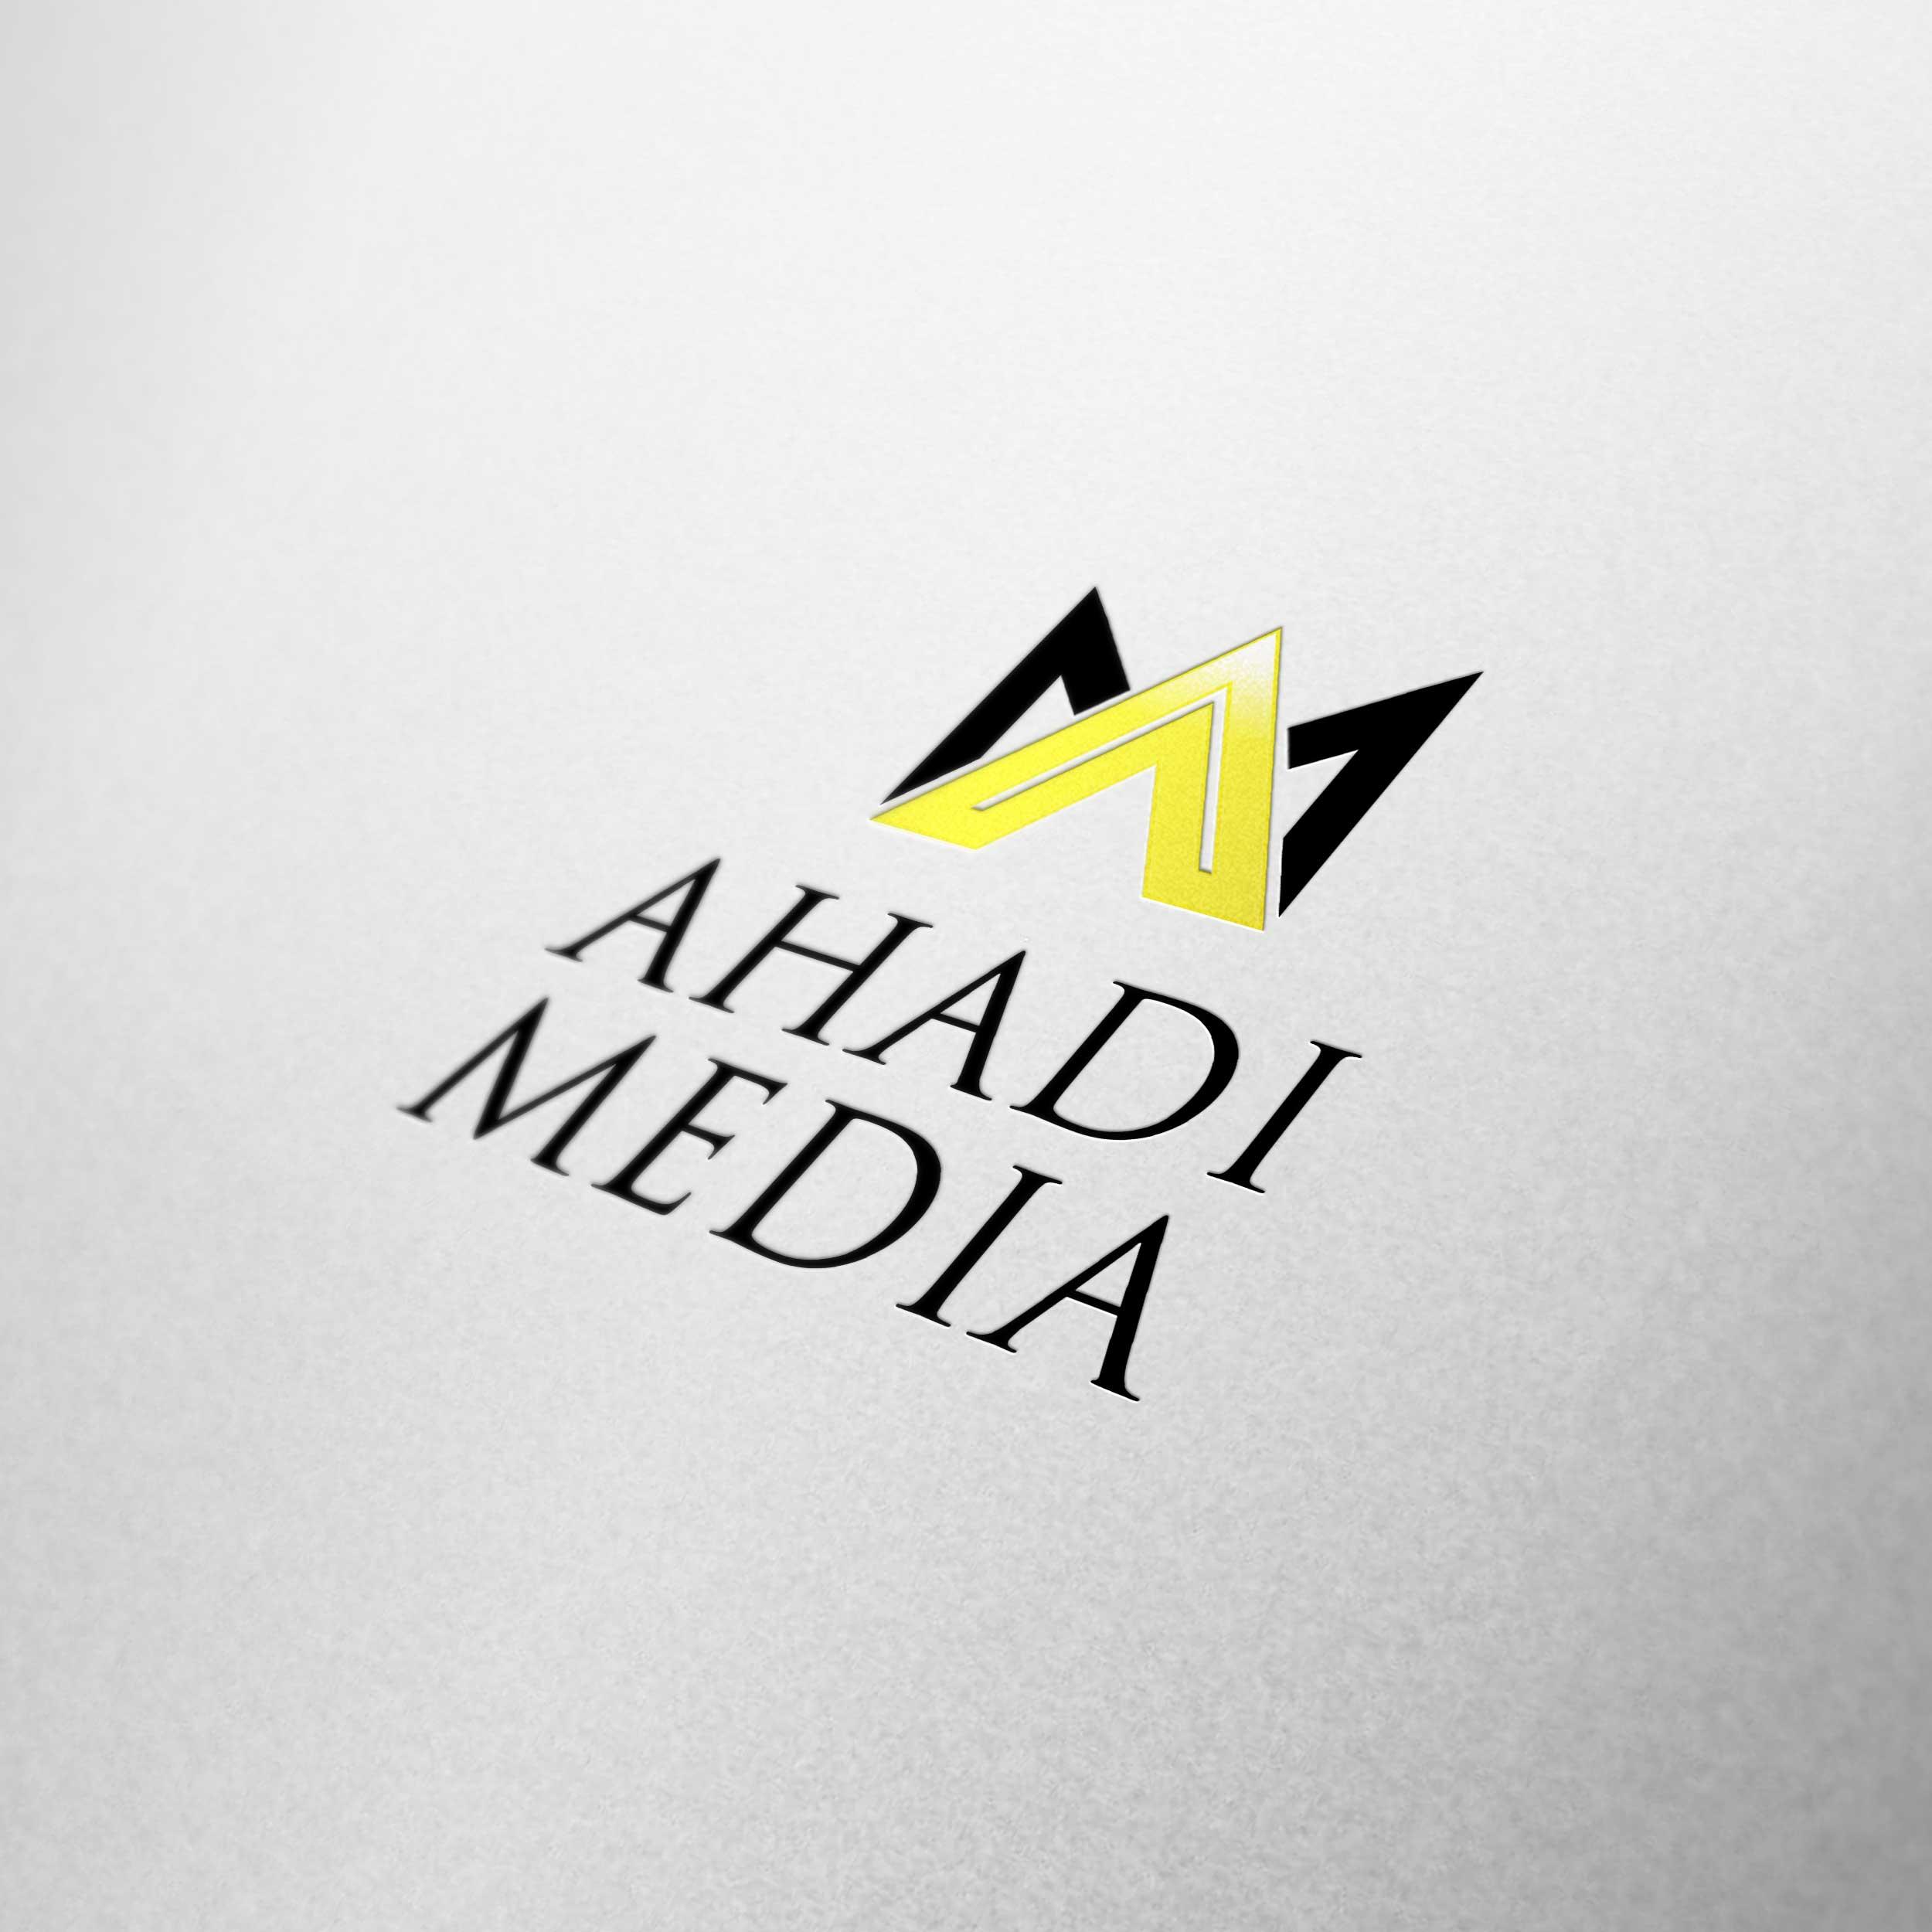 ahadi-media-min